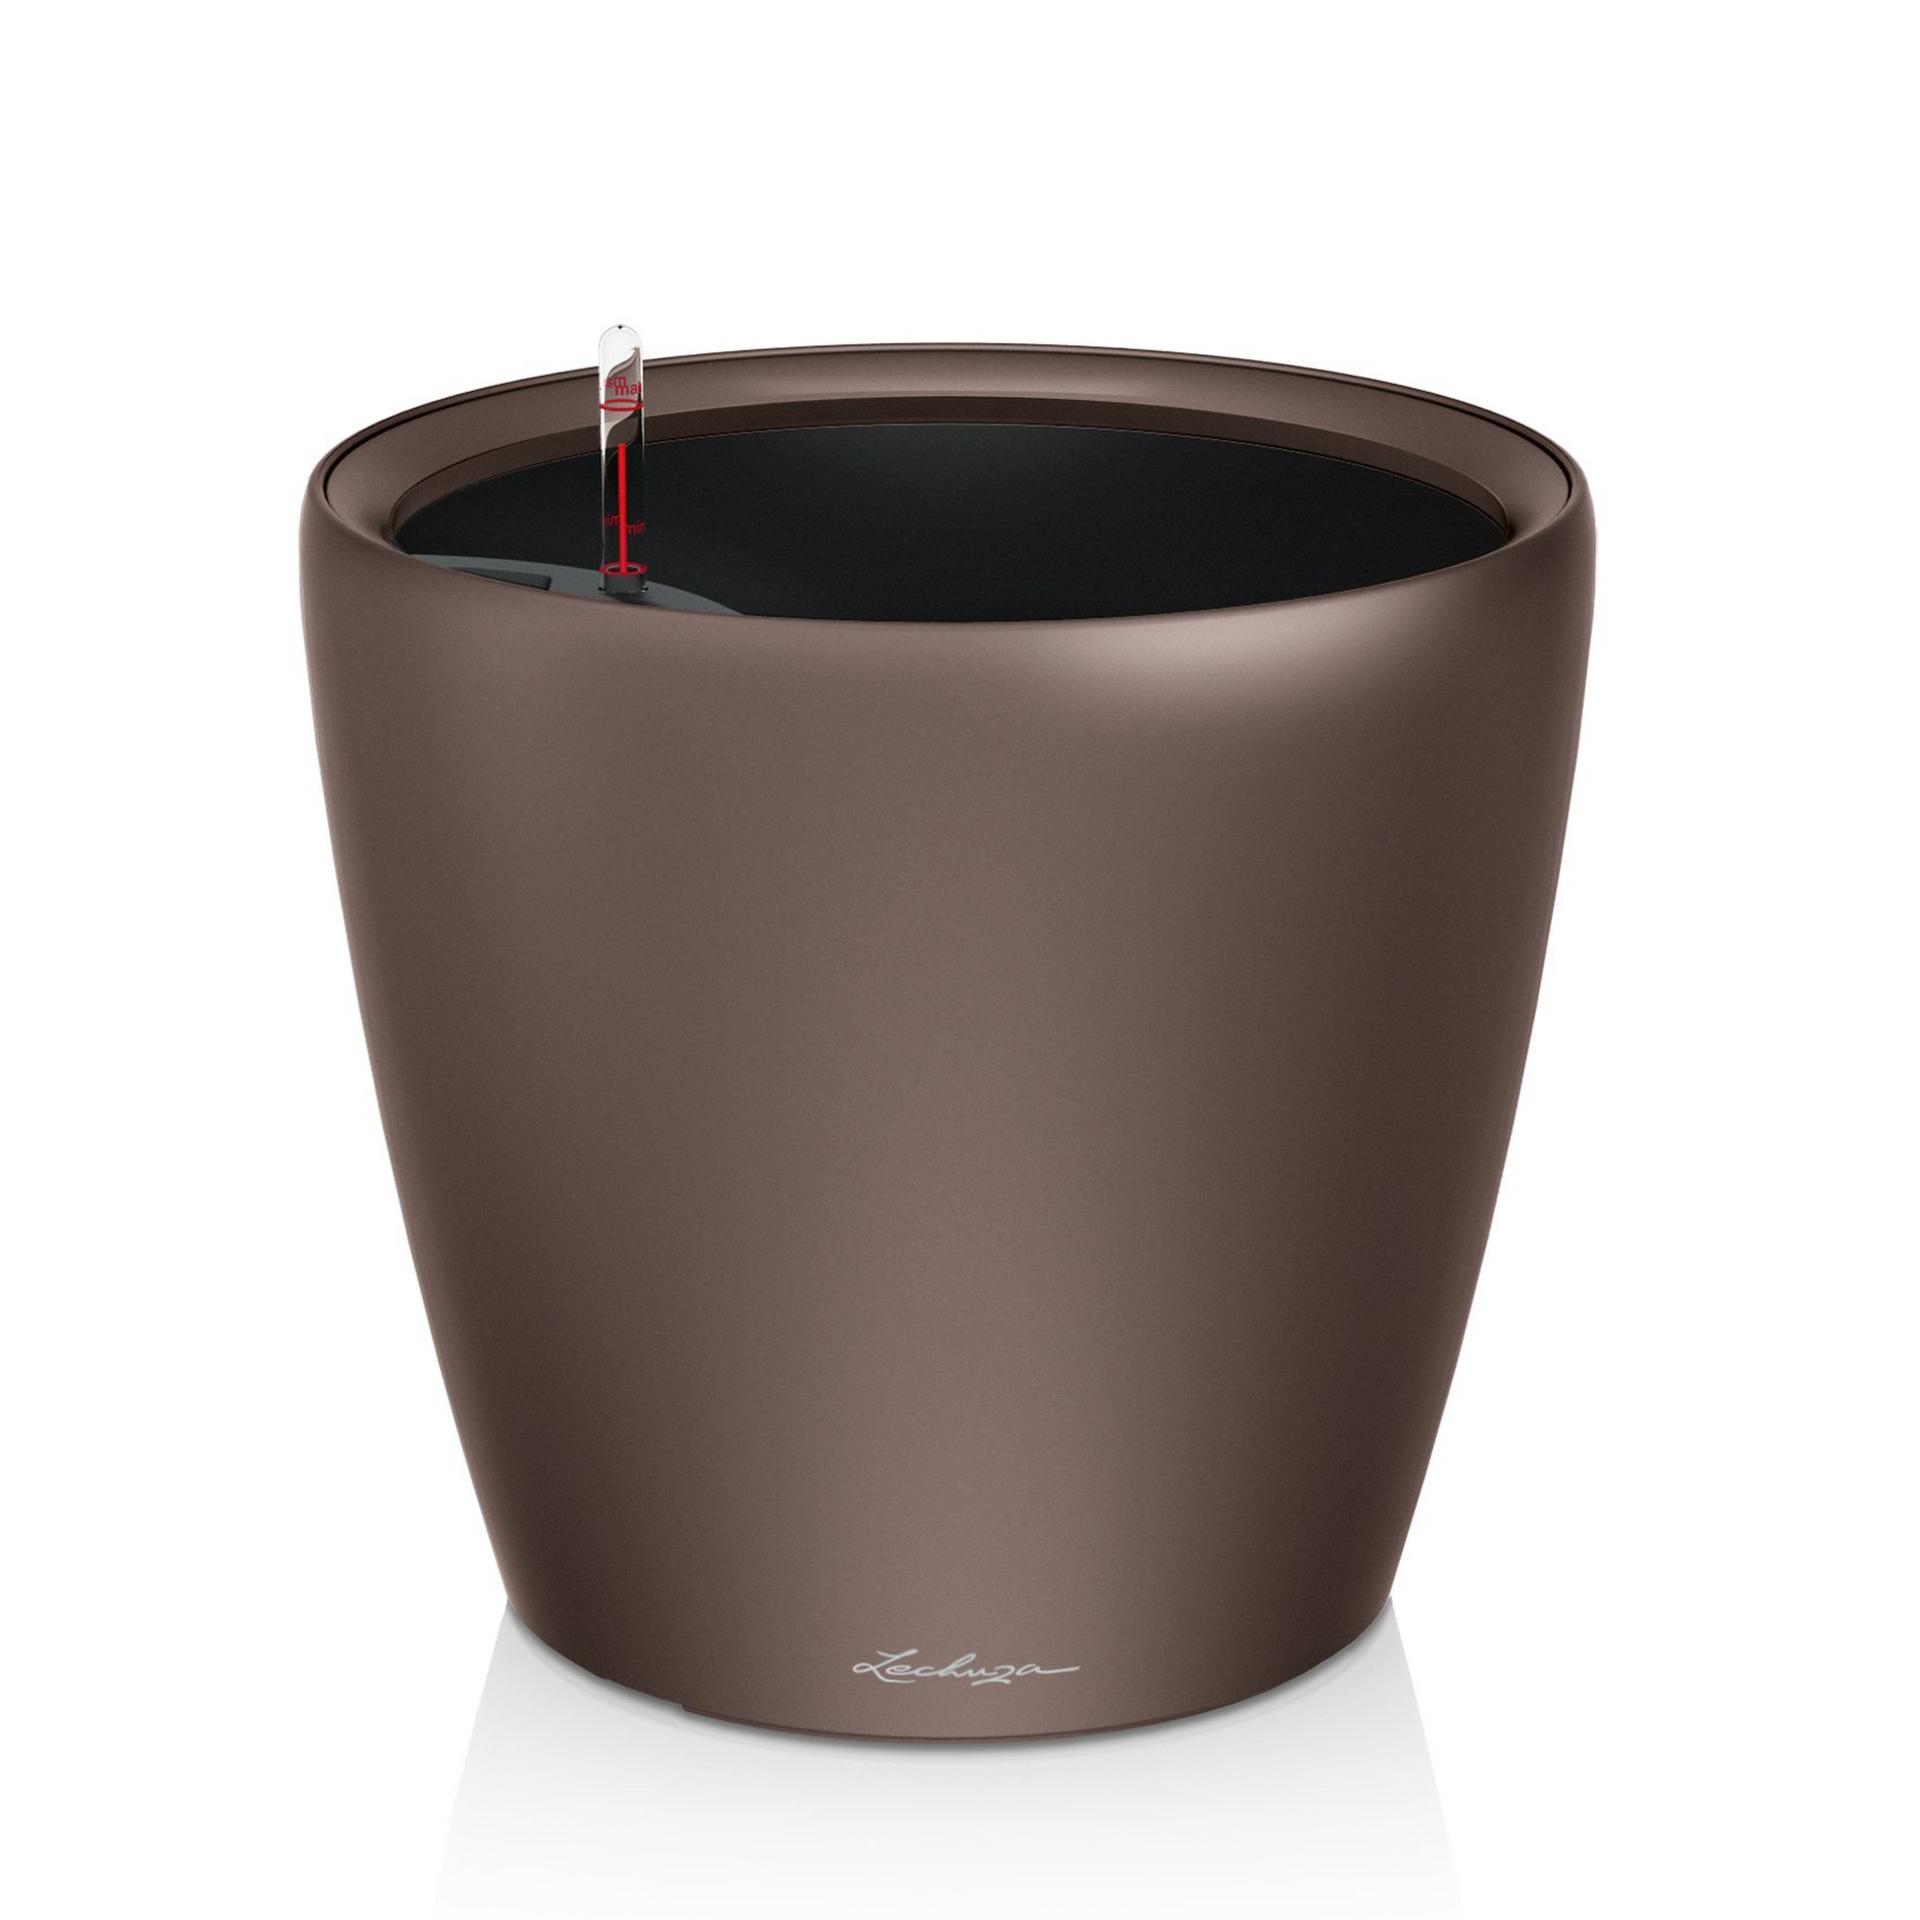 CLASSICO LS 35 espresso metallic